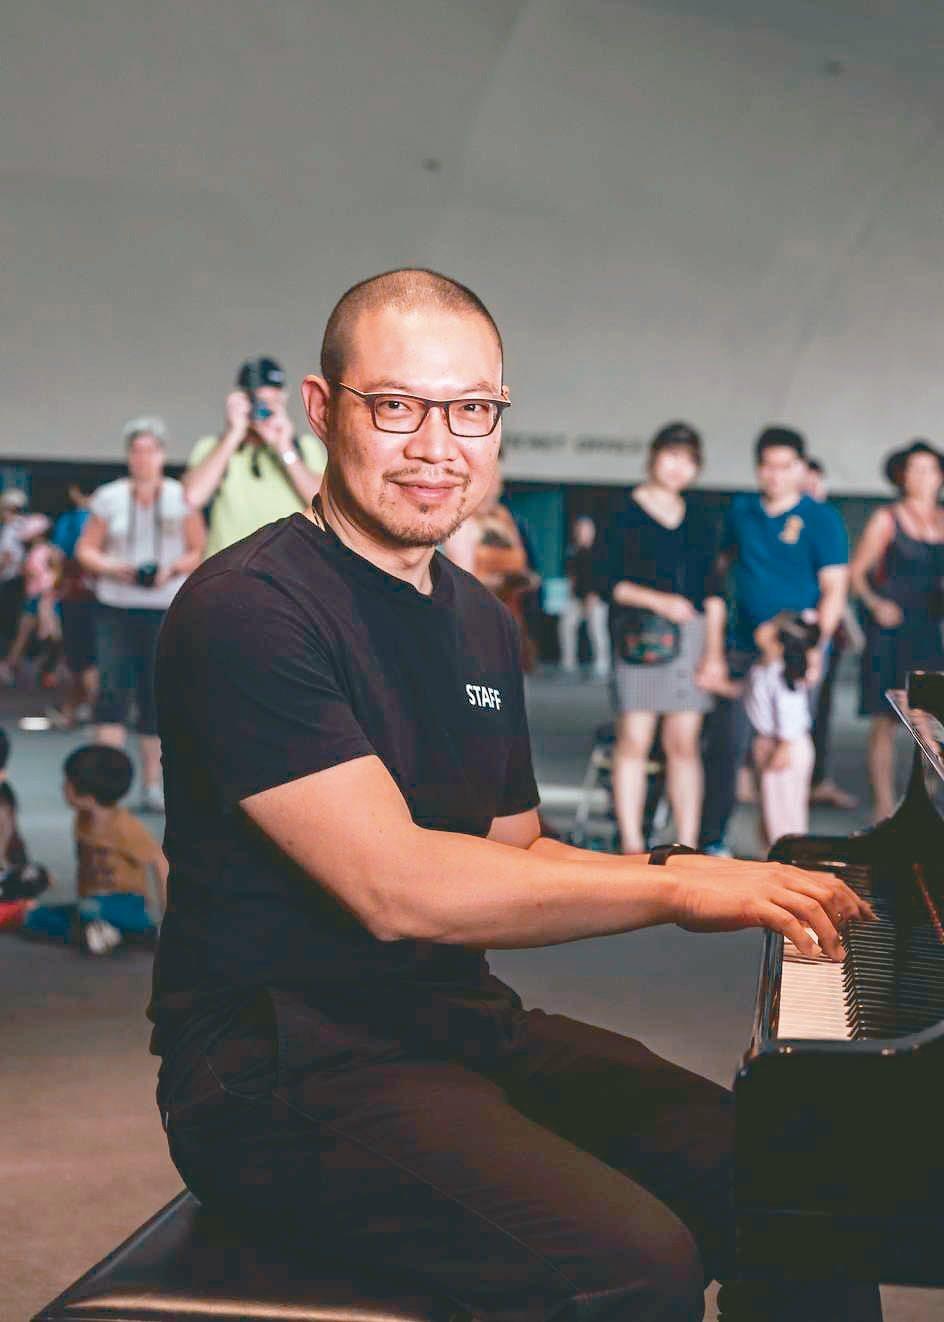 衛武營藝術總監簡文彬發起「衛武營接力聯演音樂的奉獻」。 圖╱衛武營提供